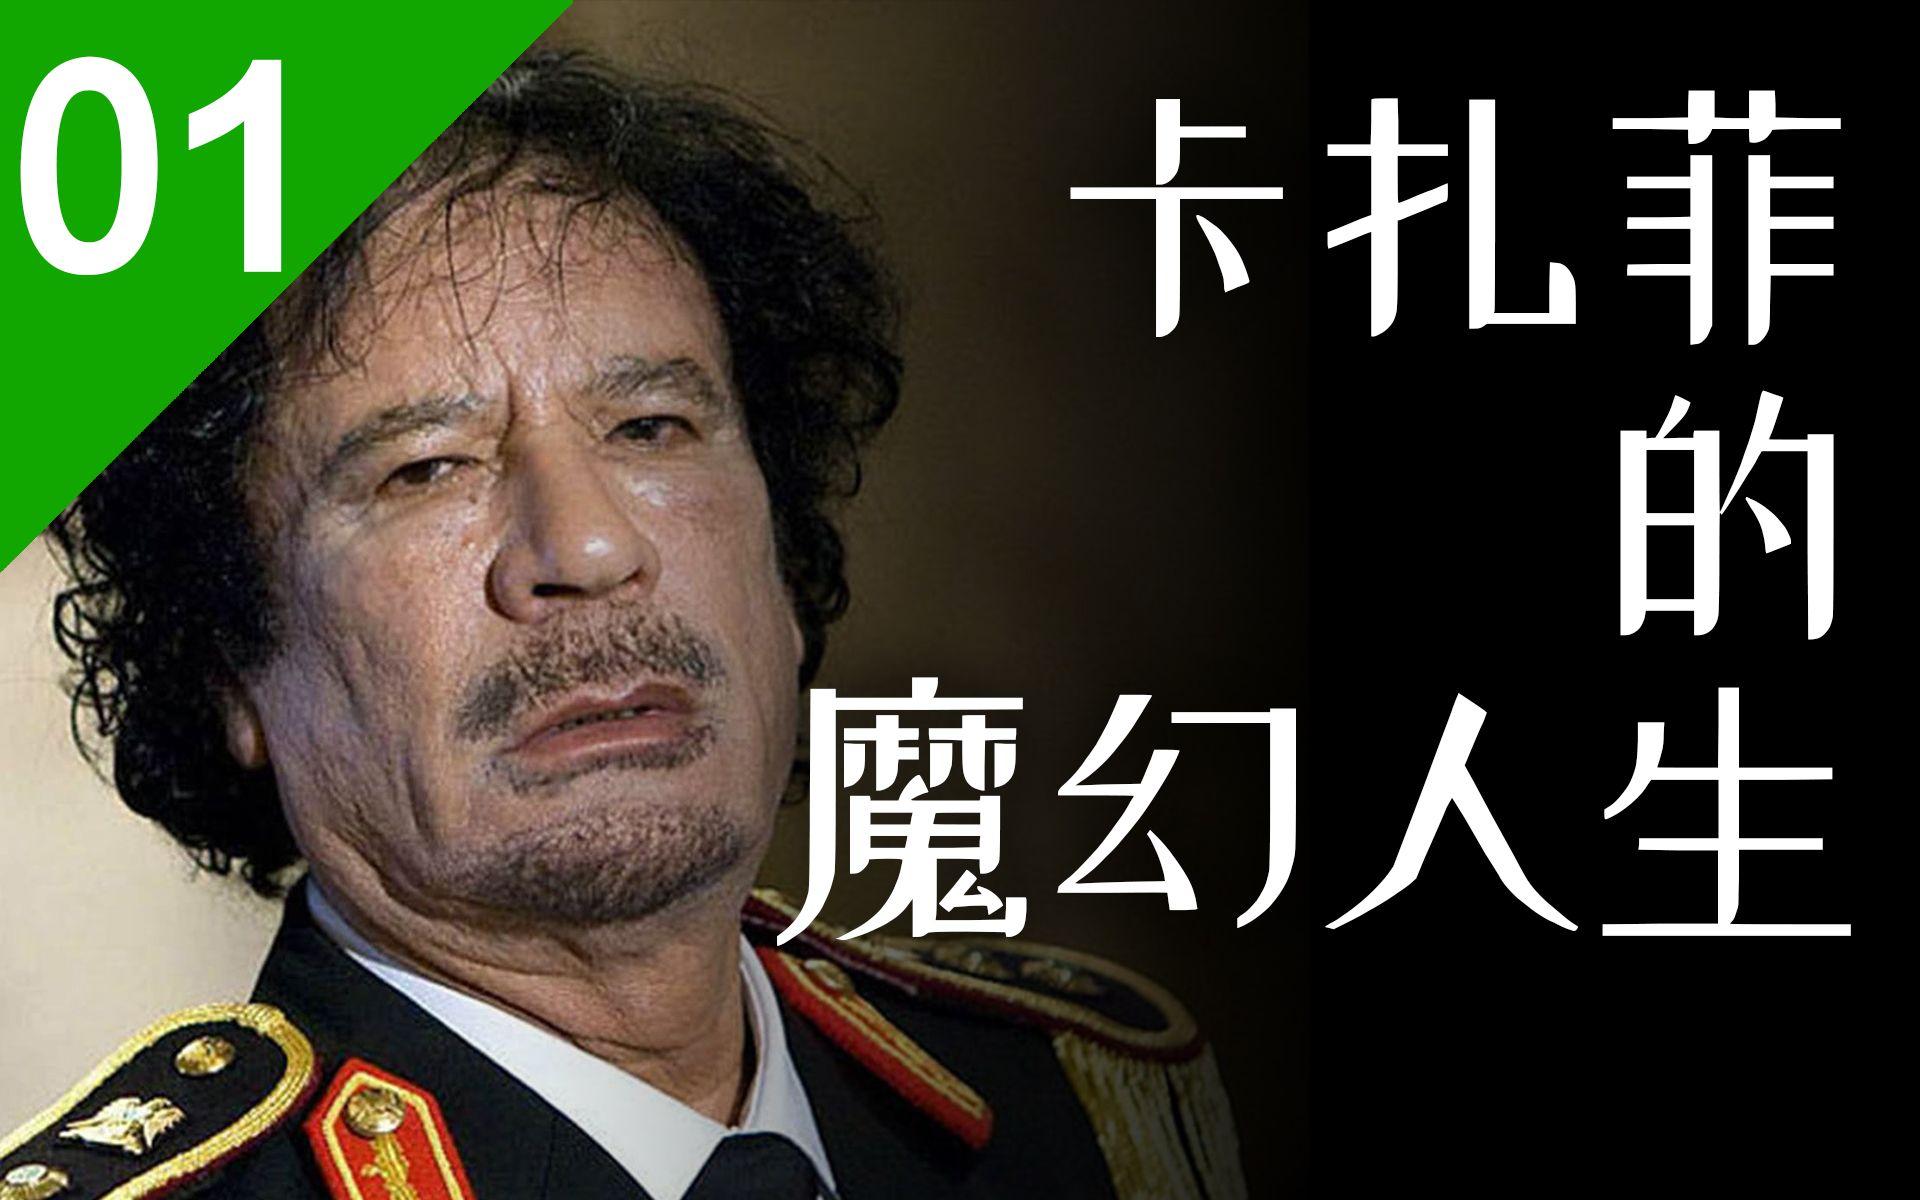 得罪五常、怒怼联合国, 卡扎菲的魔幻人生【人物志01】